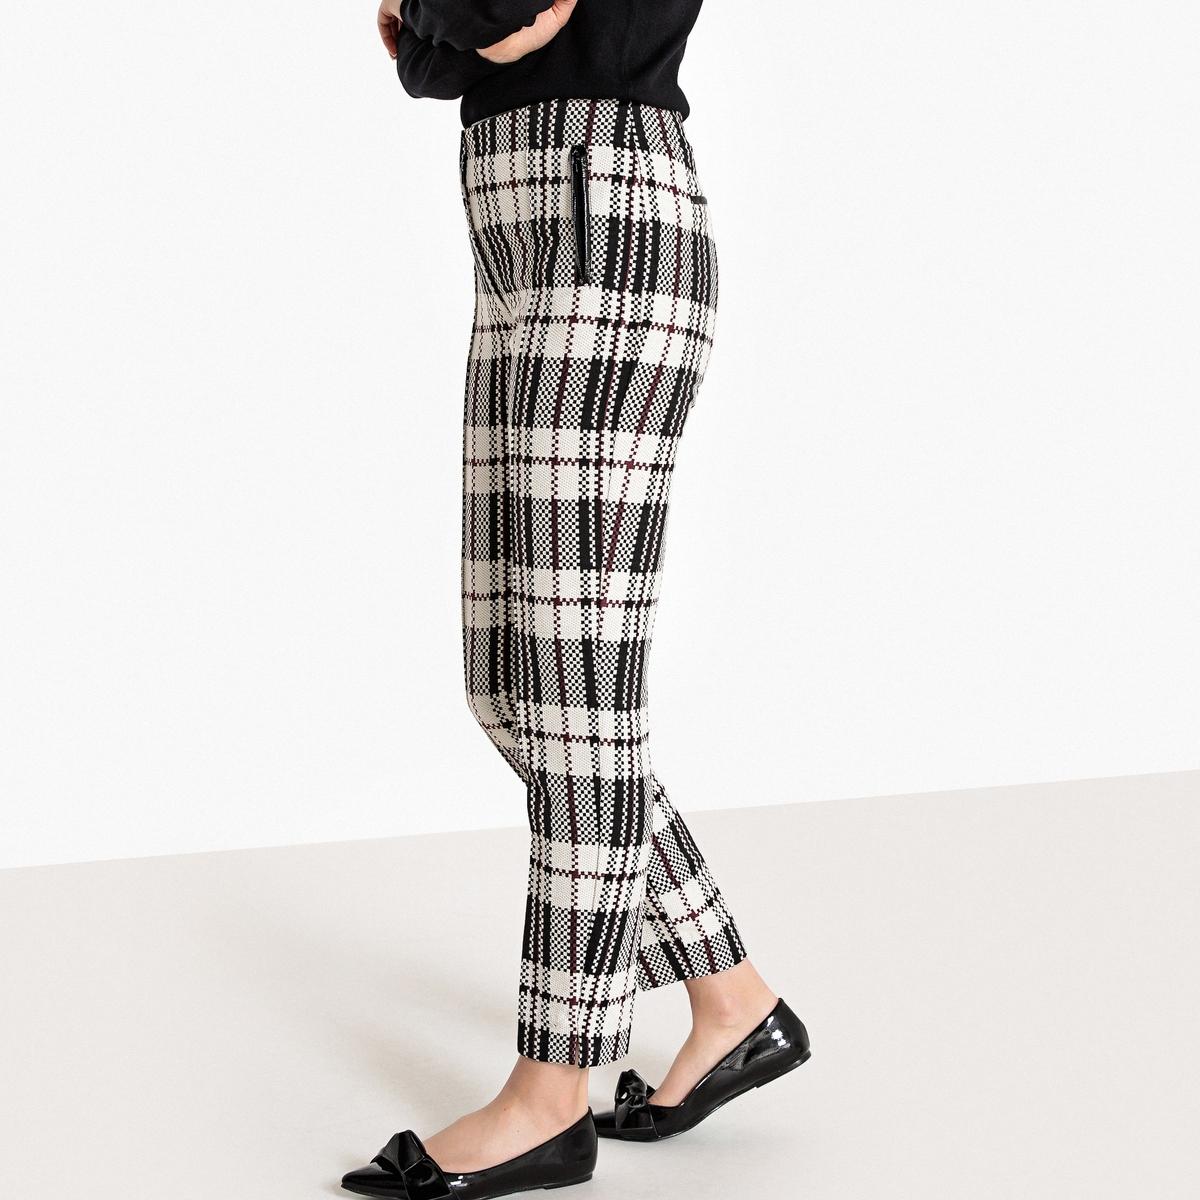 Брюки узкие дудочки с жаккардовым рисунком брюки узкие дудочки